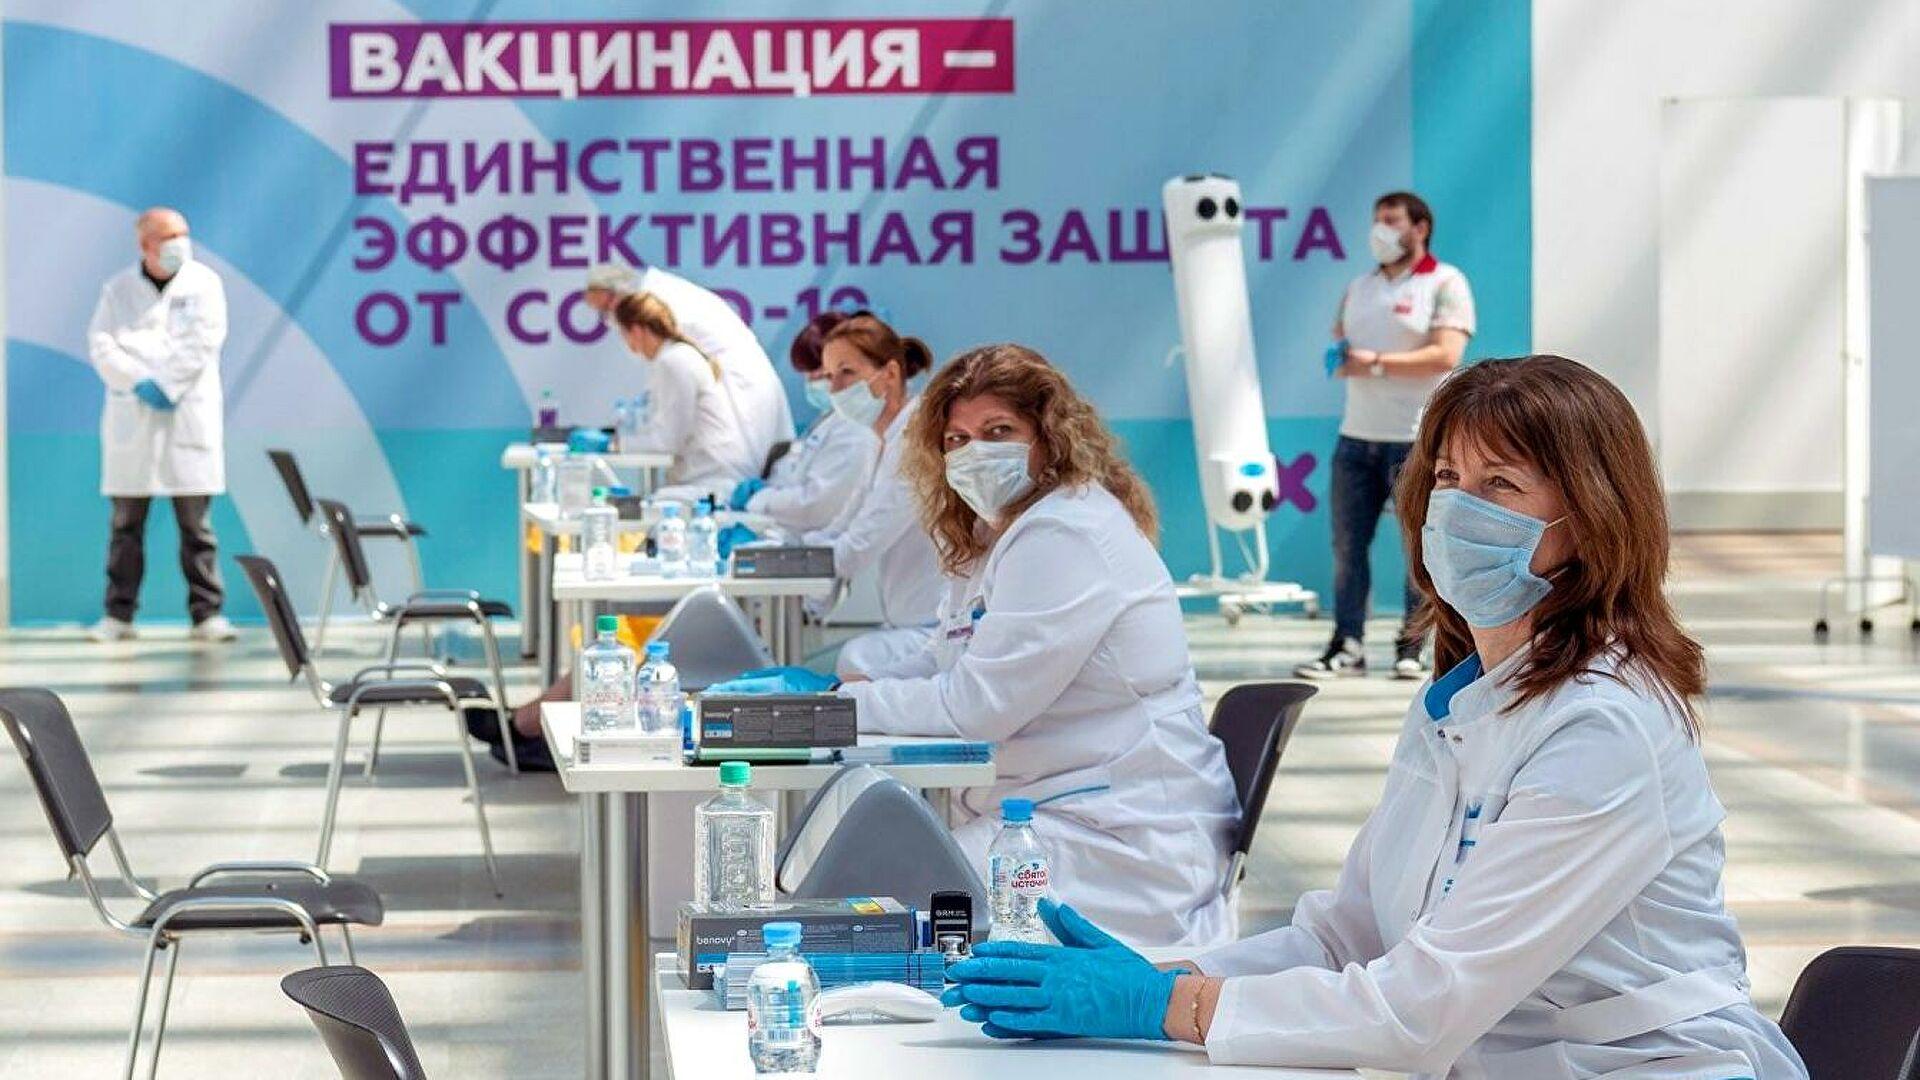 В России осенью разыграют по 100 тысяч рублей среди вакцинированных от COVID-19